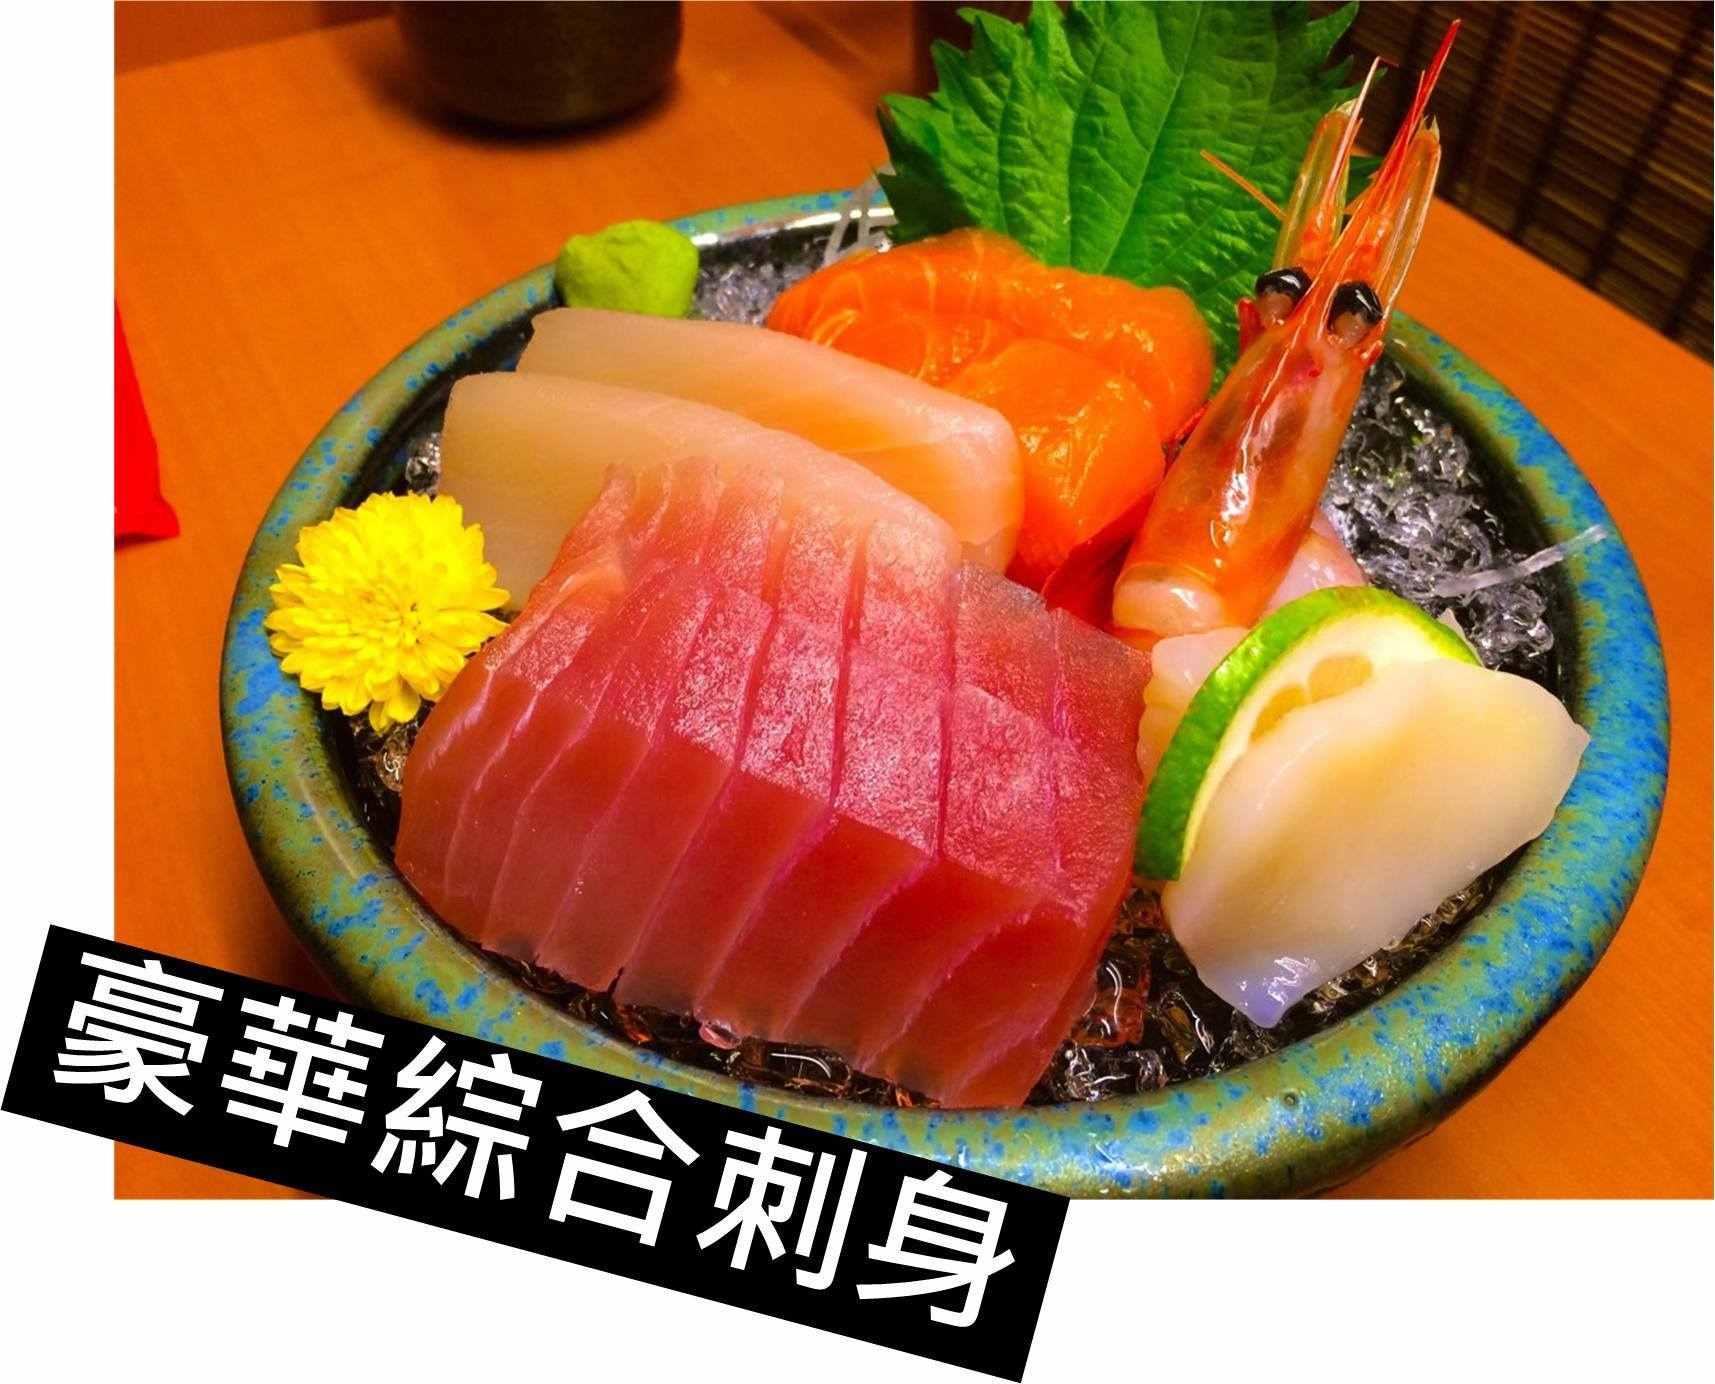 看看這鮮豔的生魚片,你大概能夠想下吃下口之後有多滑順了吧?不僅是鮭魚控會很愛,想必生魚片控已經在螢幕前大喊:「好想吃!」了吧~